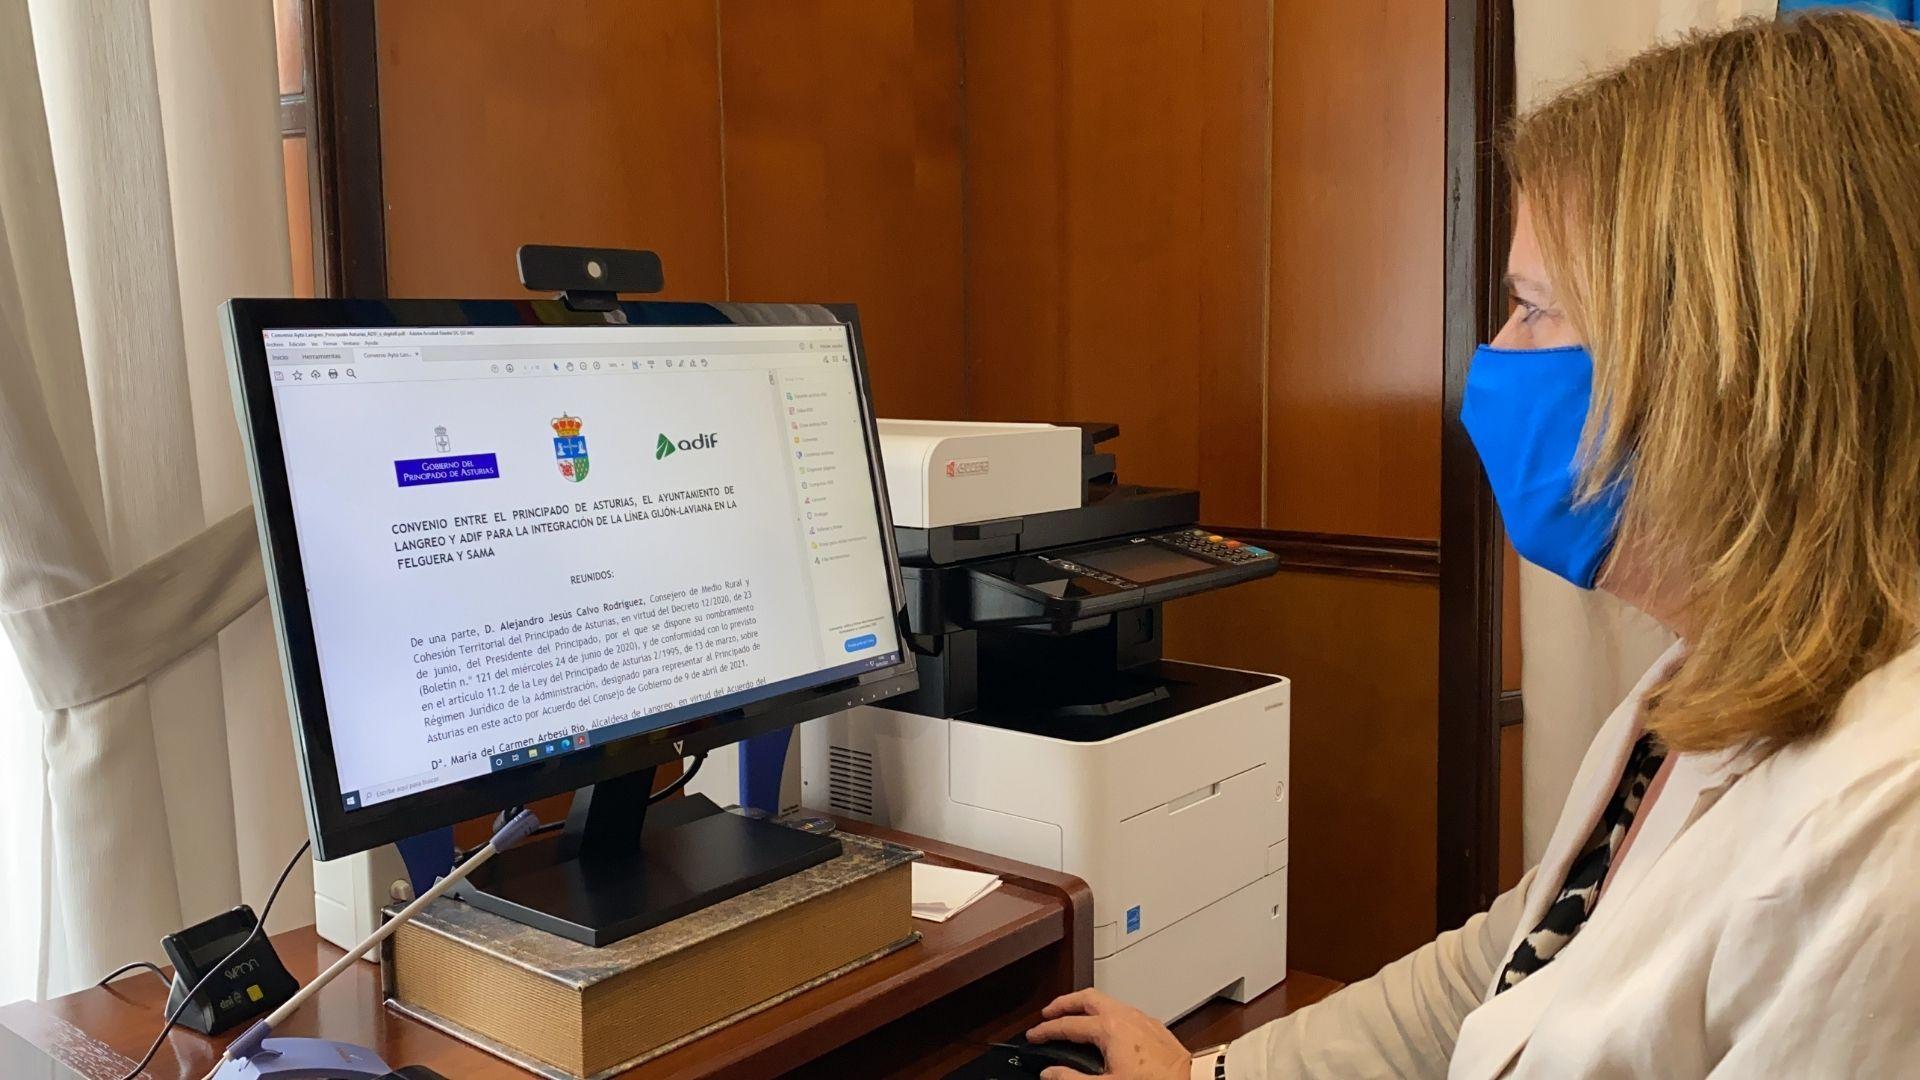 La alcaldesa de Langreo, Carmen Arbesú, firma de manera electrónica el convenio entre ADIF, el Principado y el Ayuntamiento para la ejecución de las obras pendientes del soterramiento de las vías de la antigua Feve entre Sama y La Felguera